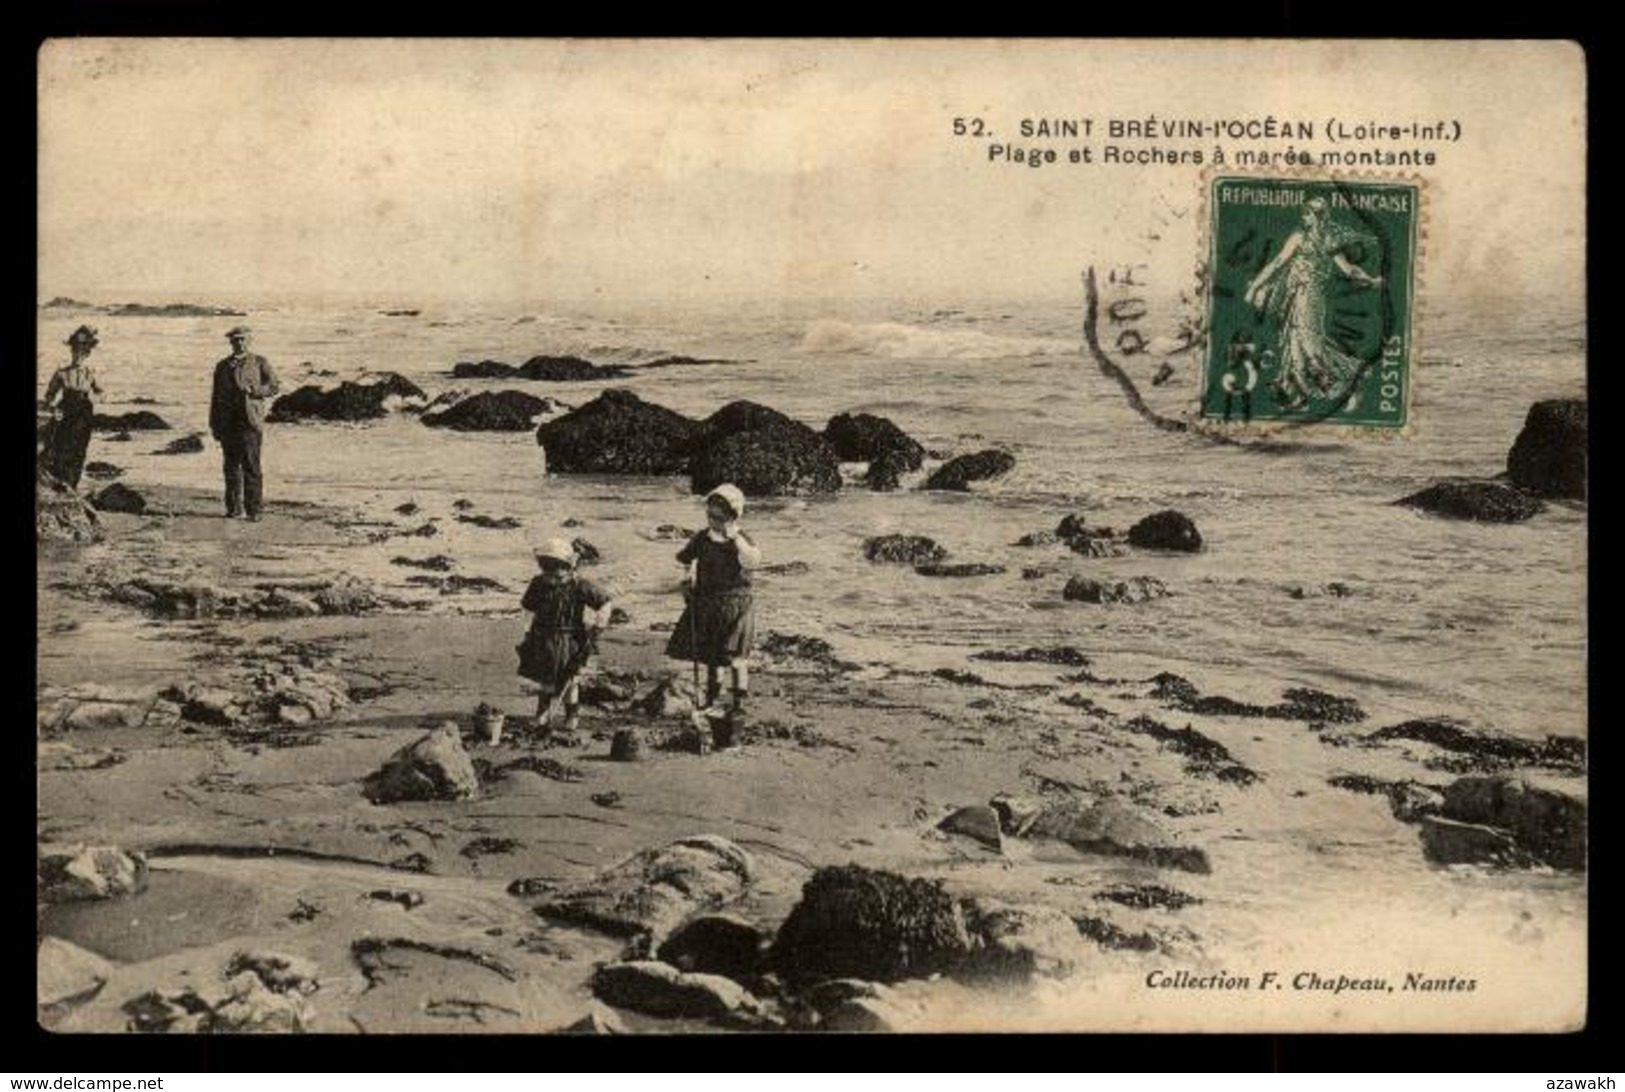 44 - Saint-Brevin-les-Pins - Paimbœuf Saint-Brévin-l'océan - 52 Plage Et Rochers à Marée Montante Fillettes #05429 - Saint-Brevin-l'Océan